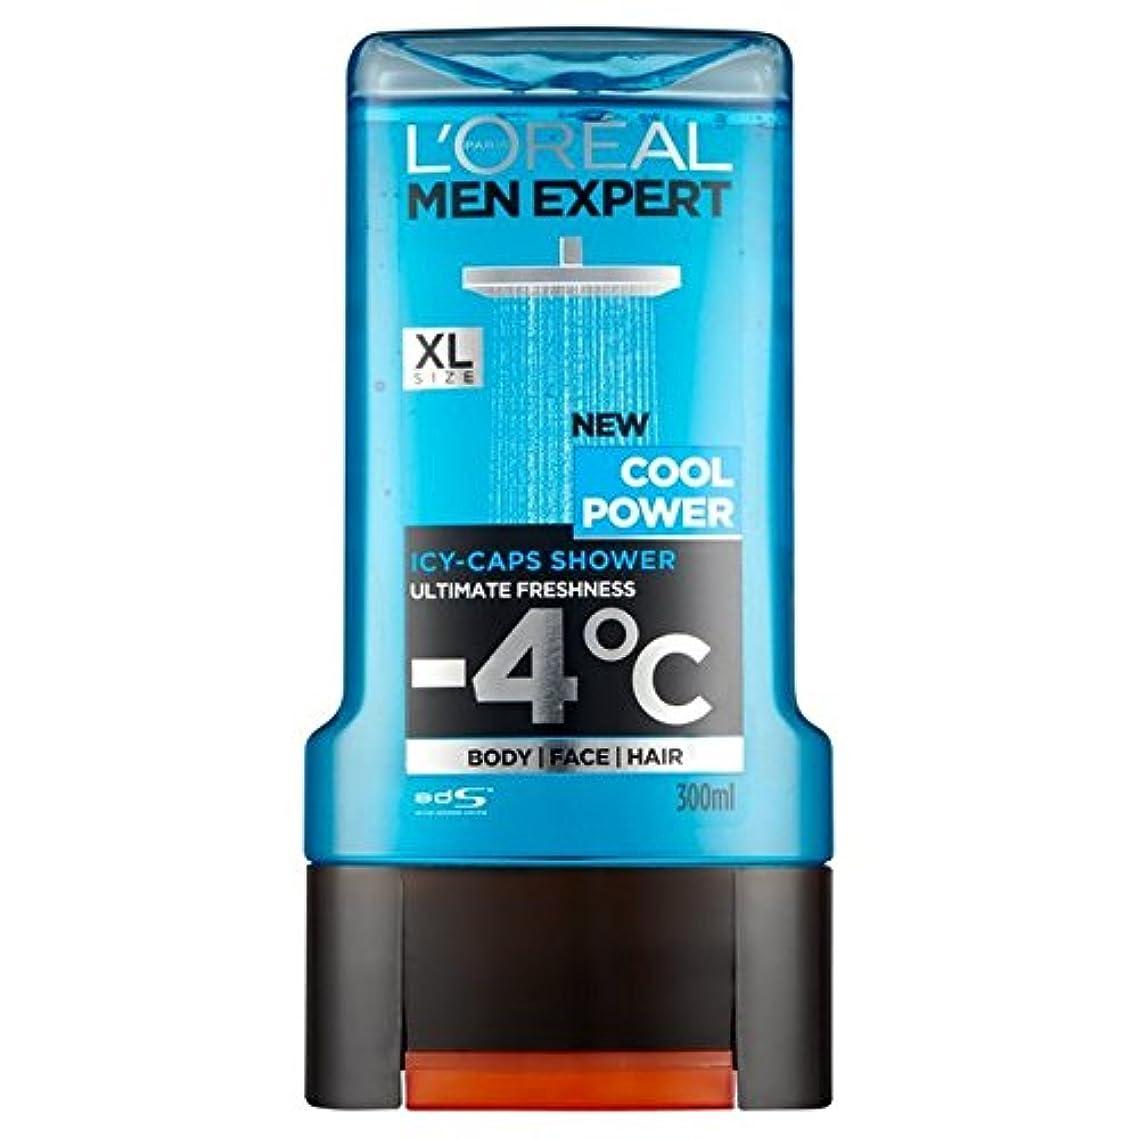 パイプライン割り当てます解放するL'Oreal Paris Men Expert Cool Power Shower Gel 300ml - ロレアルパリの男性の専門家のクールなパワーシャワージェル300ミリリットル [並行輸入品]